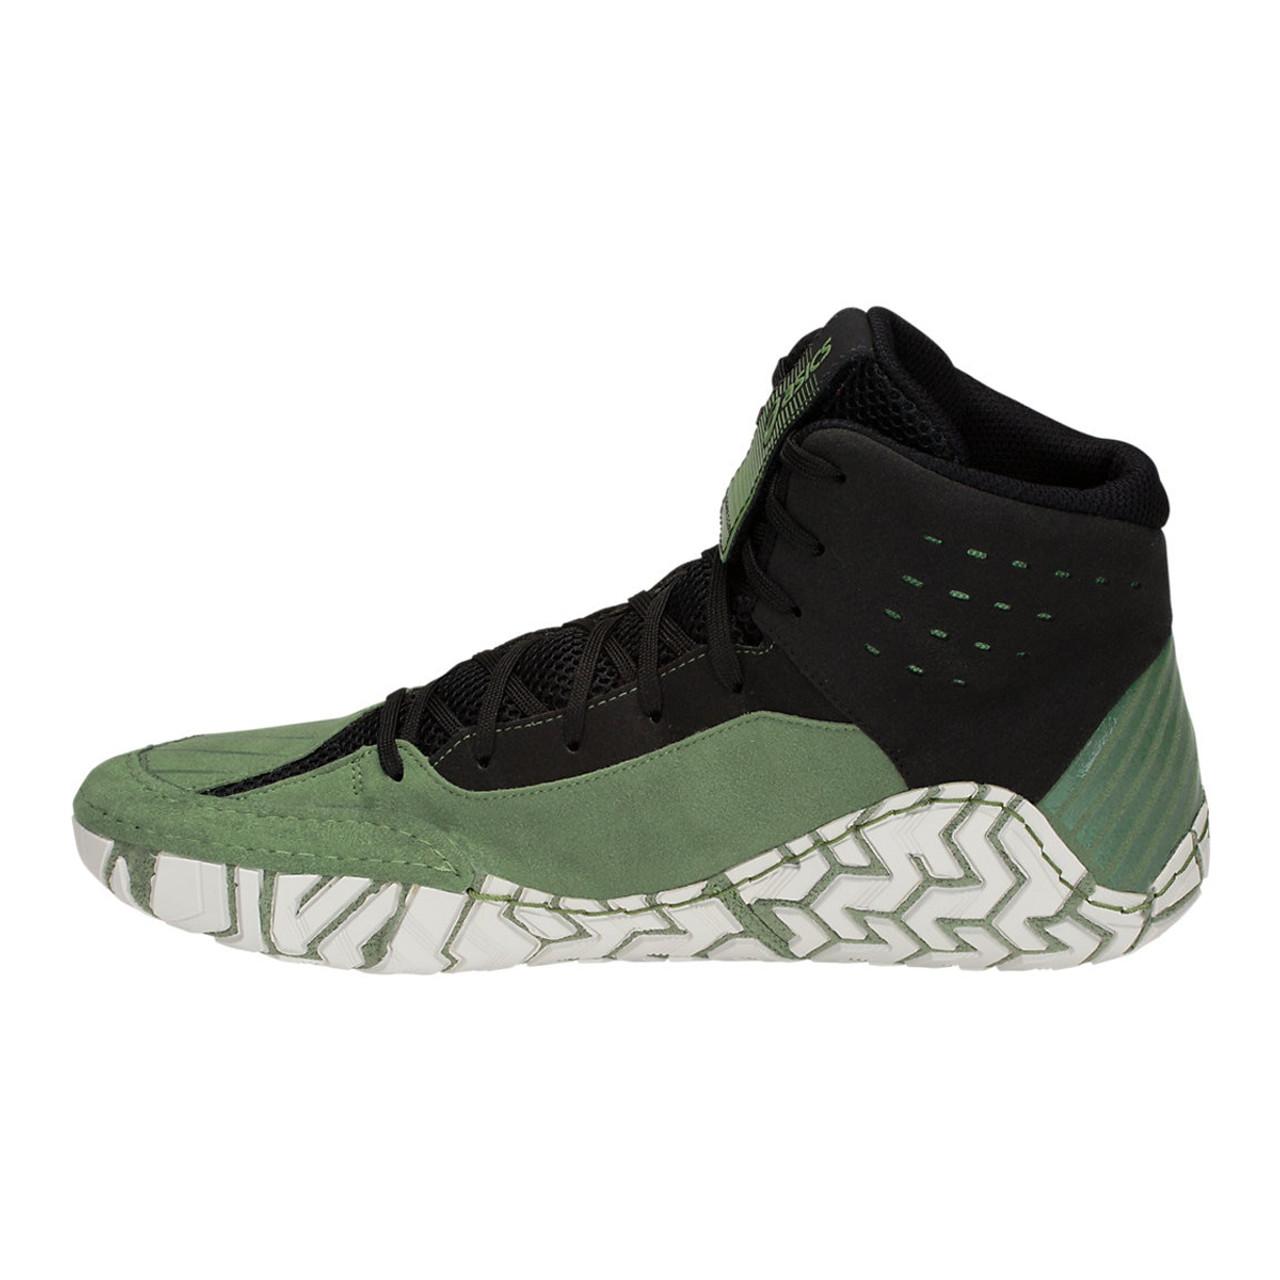 3050d9468326 Asics Aggressor 4 Men s Wrestling Shoes - Green